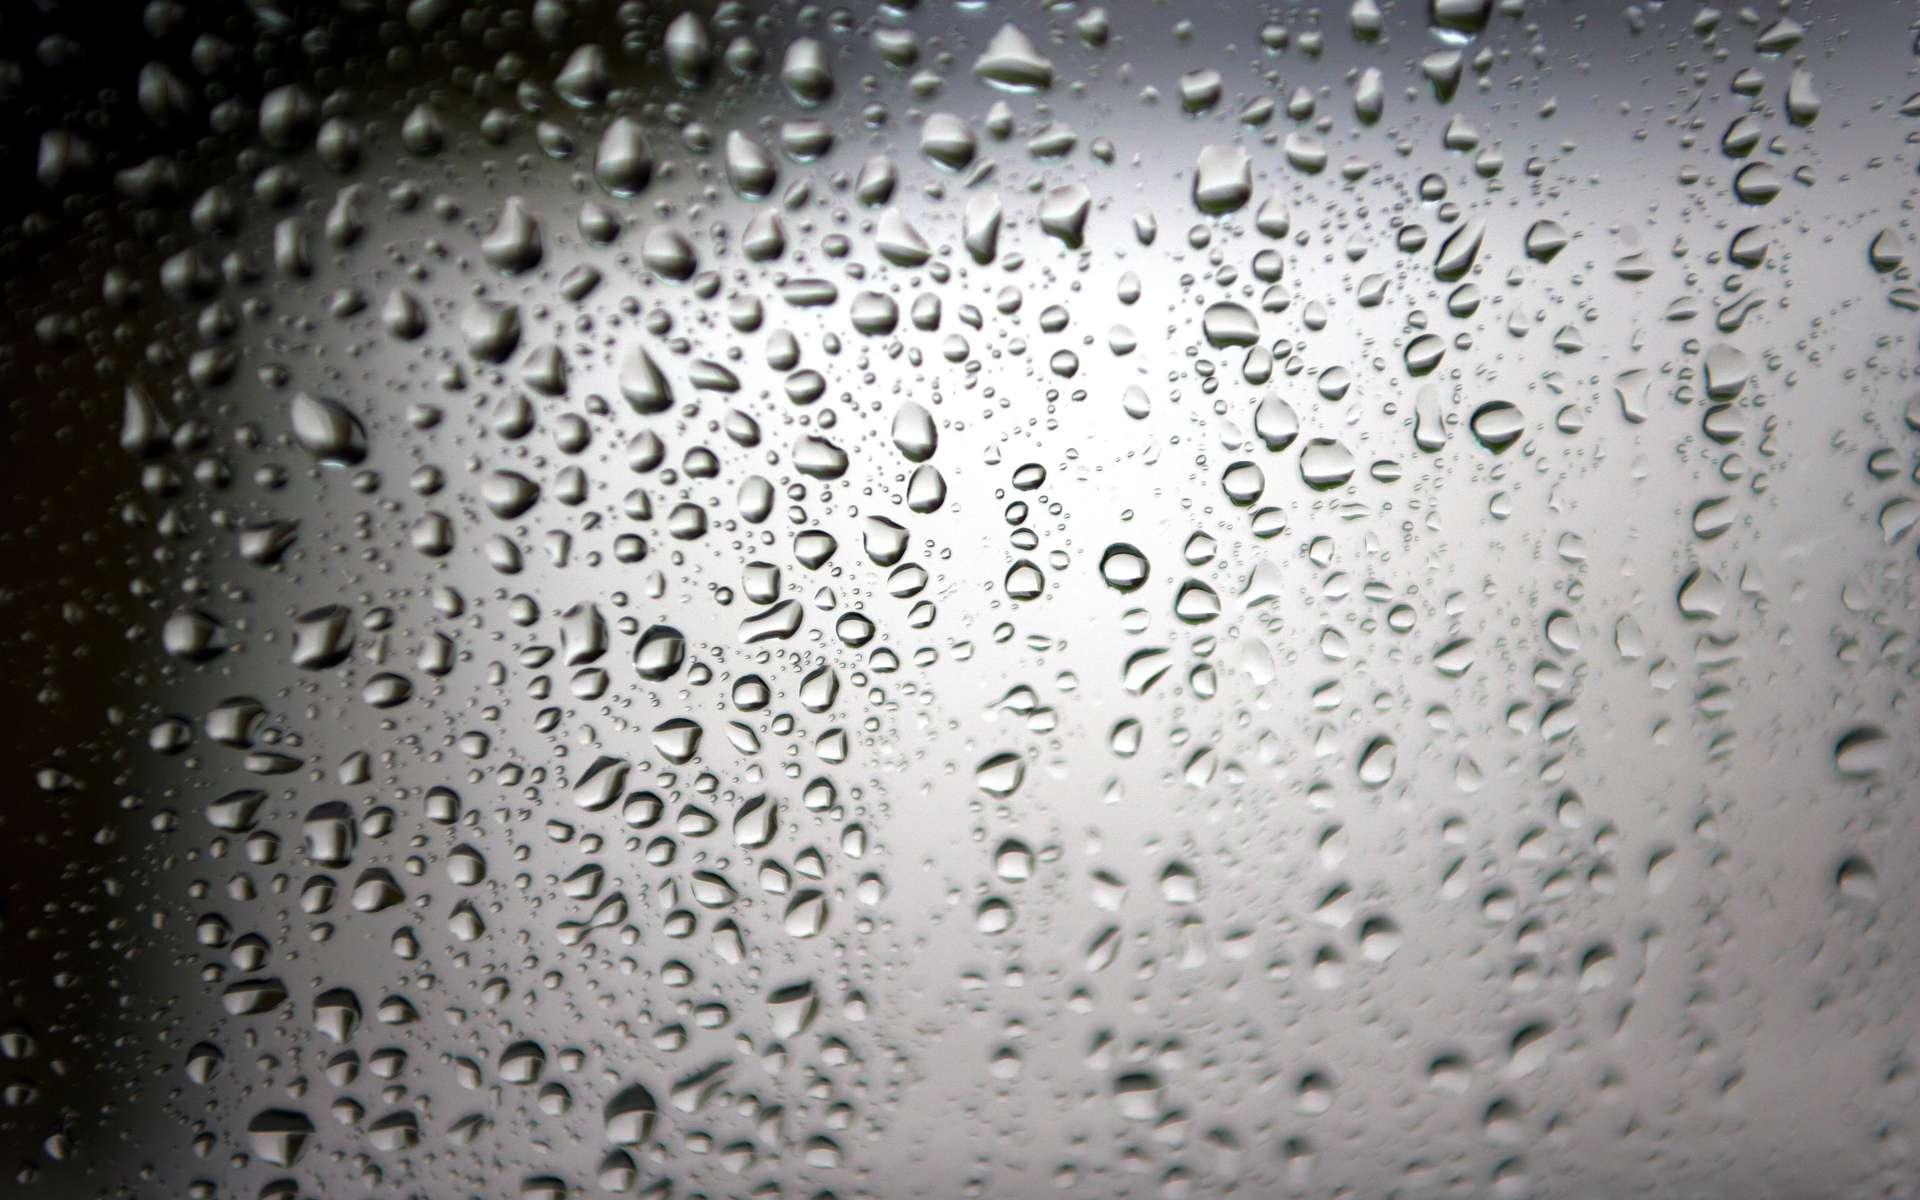 Les vapeurs d'eau chaude apportent de l'oxygène à l'épiderme, une arme contre les points noirs. © Phovoir